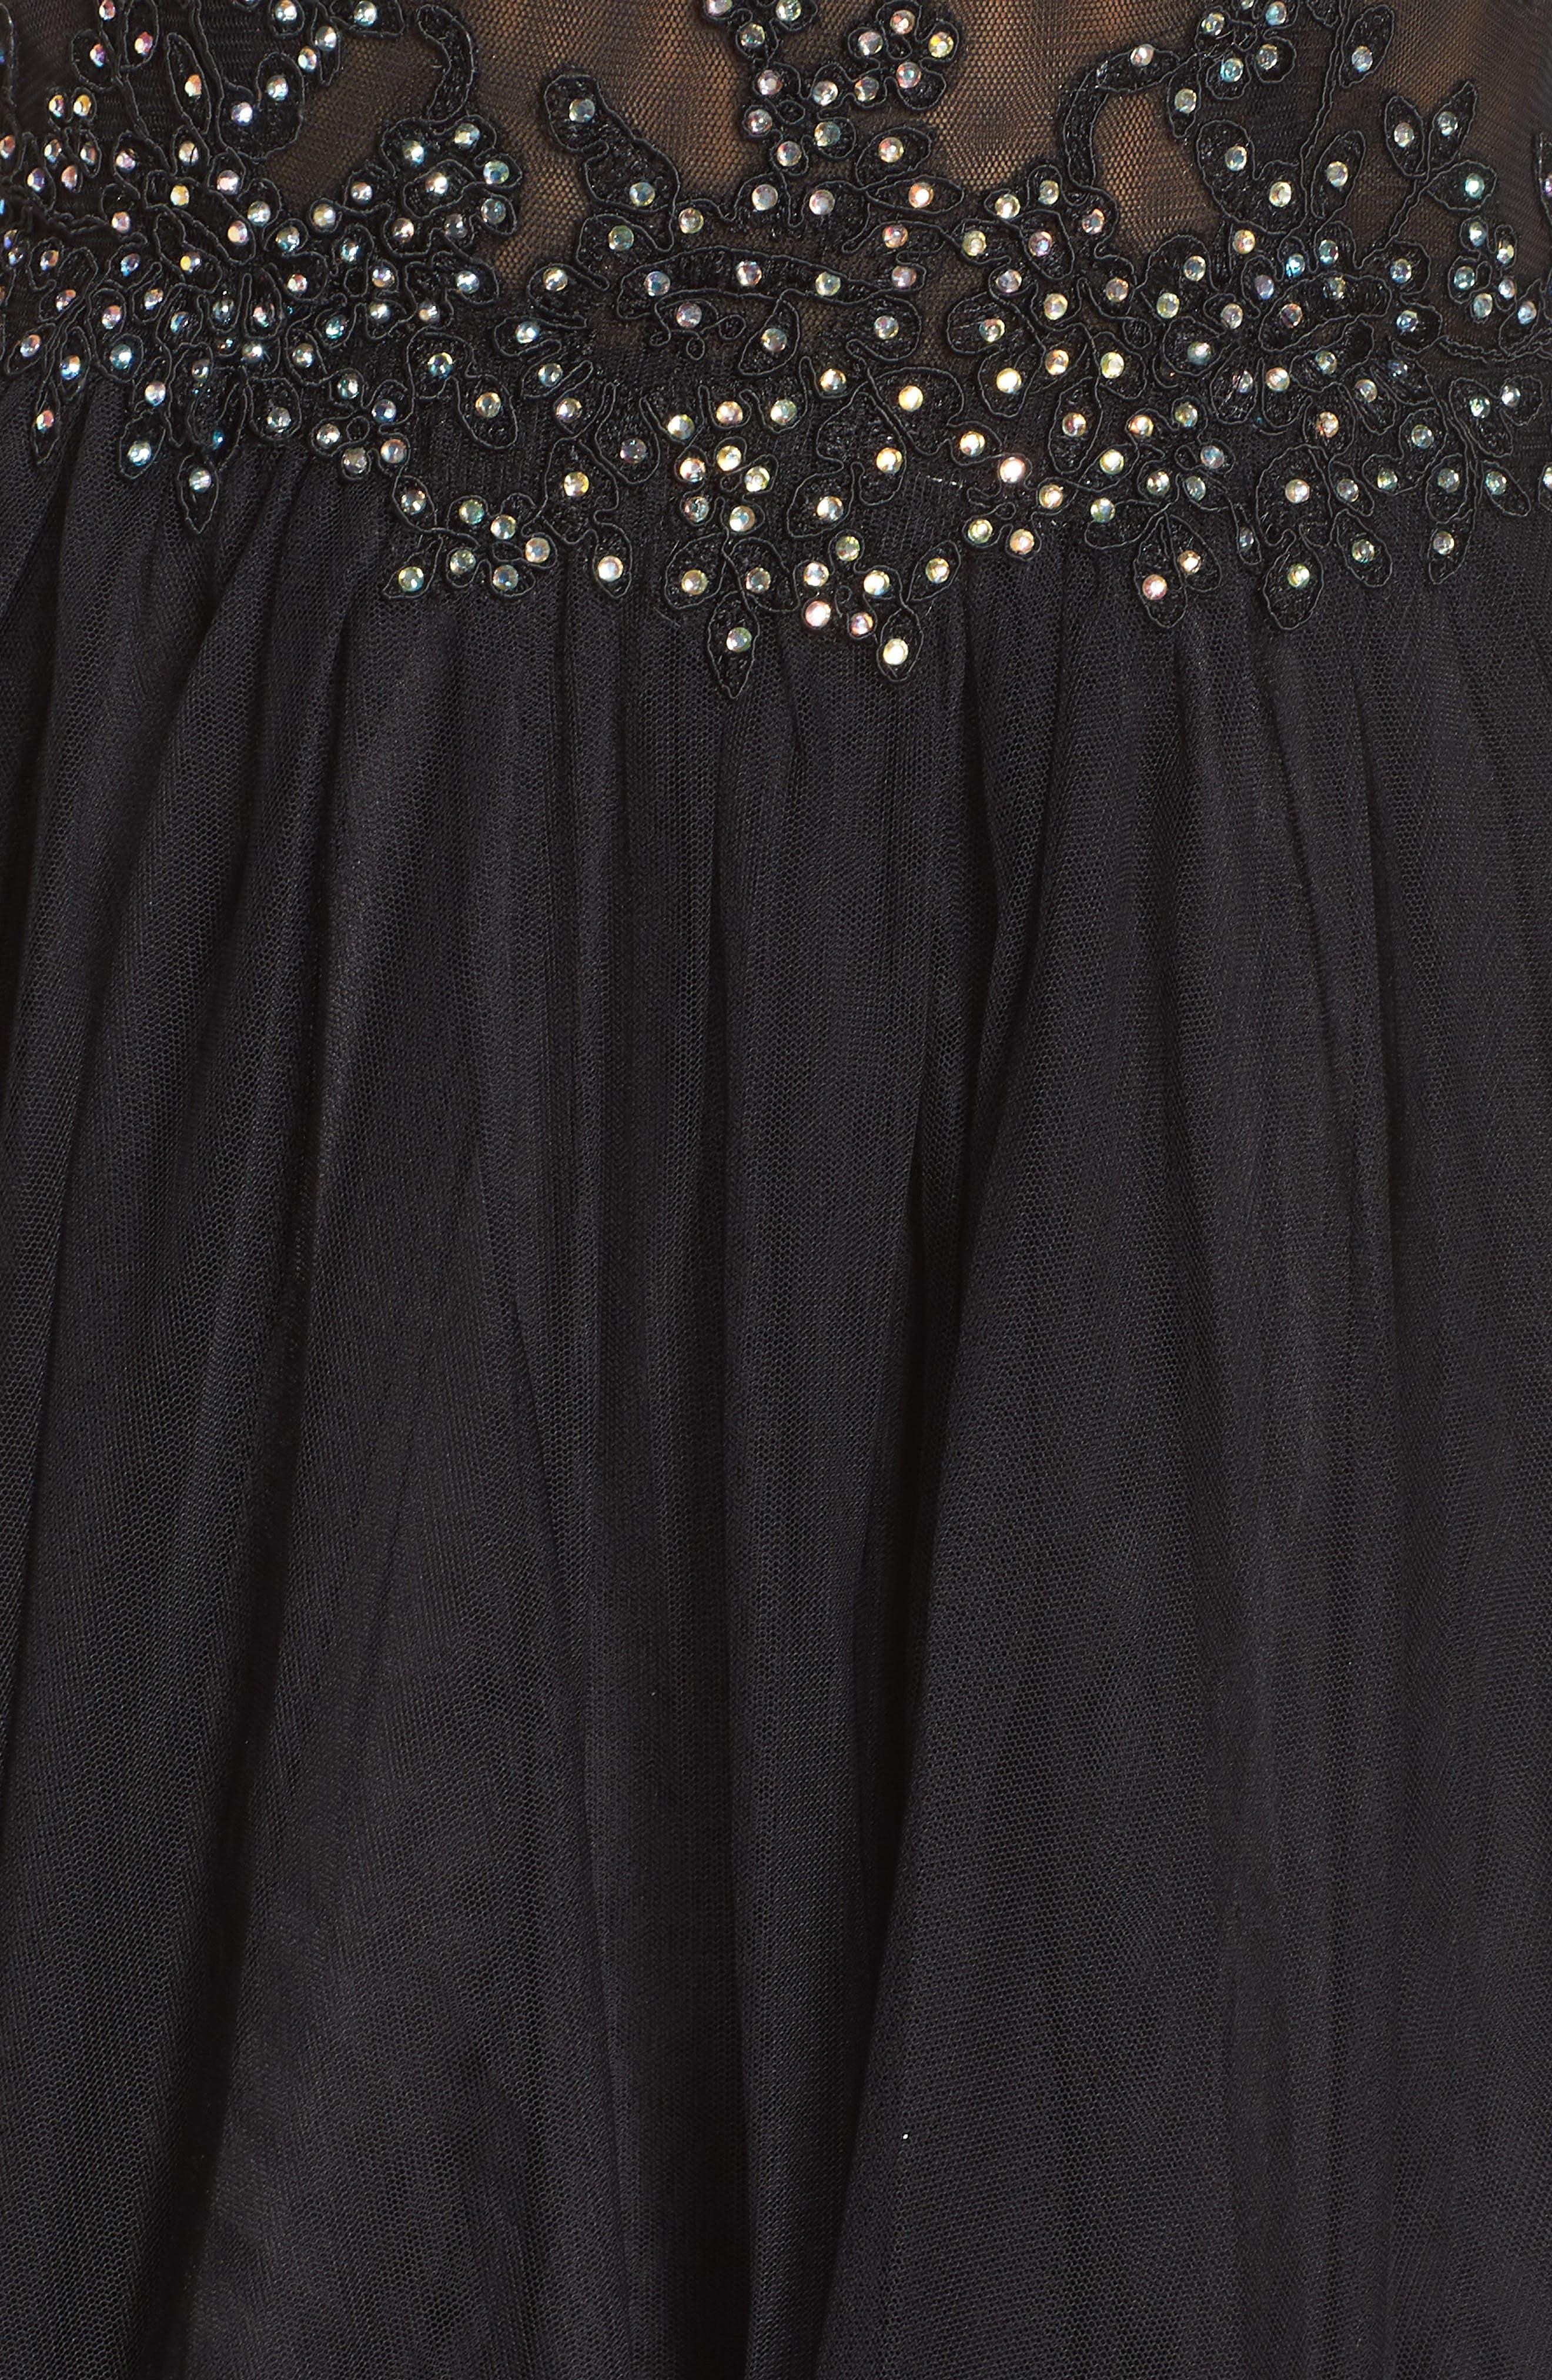 Halter Neck Appliqué Mesh Party Dress,                             Alternate thumbnail 6, color,                             BLACK